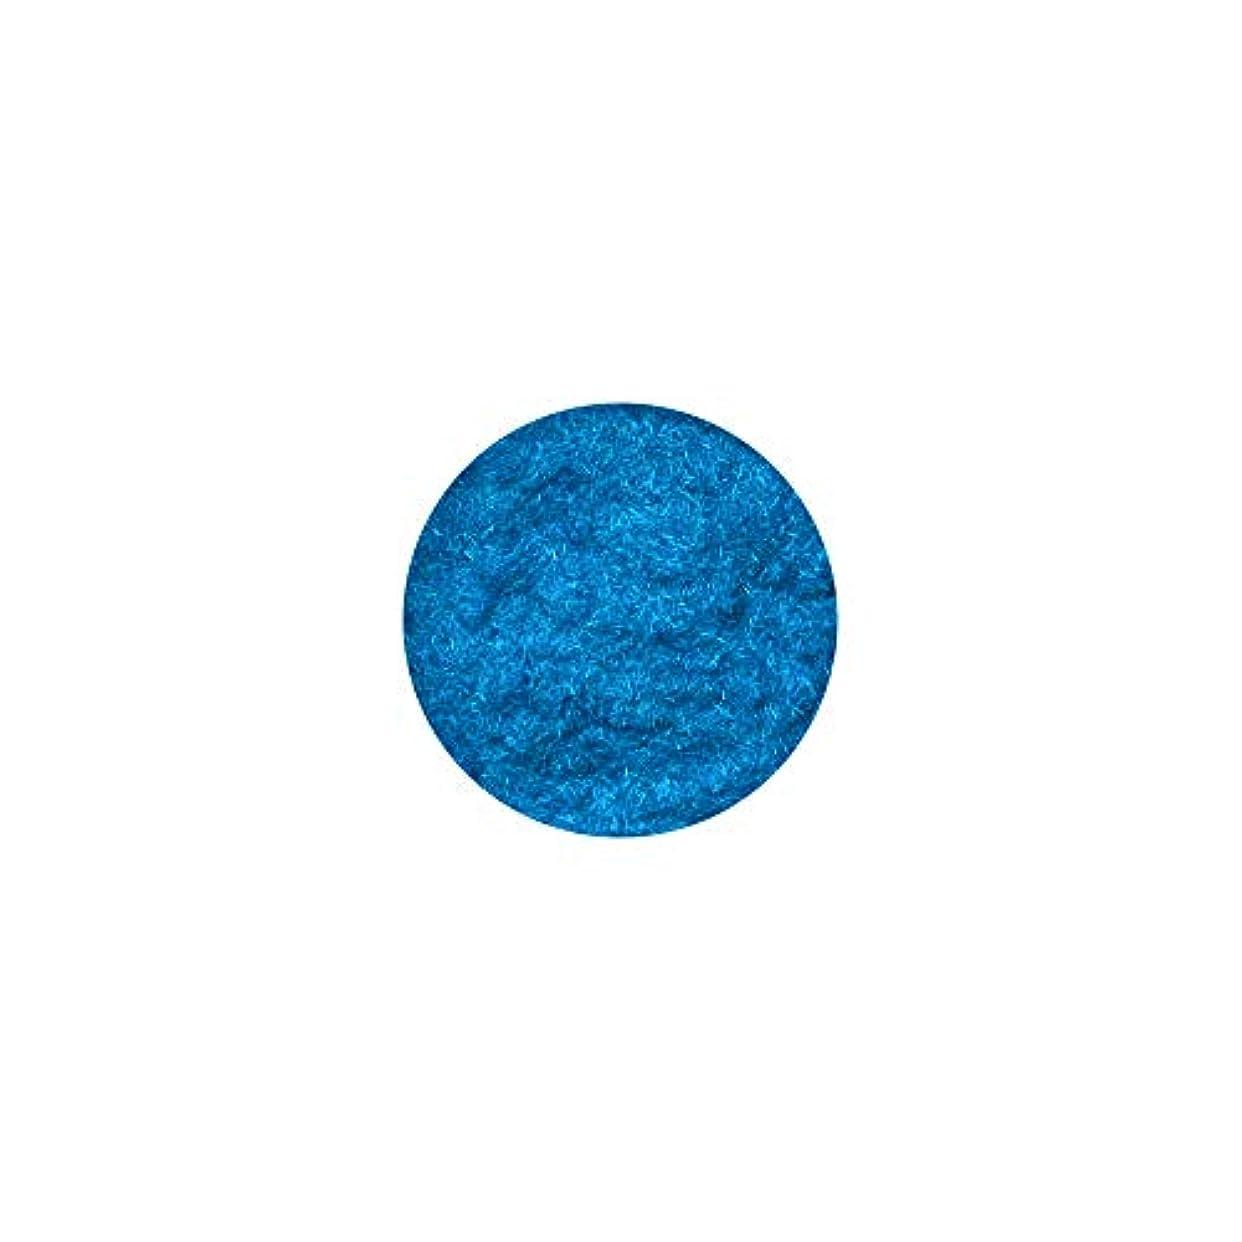 ディンカルビルアルプス見通しベルベットパウダー[ターコイズブルー] フェルト ジェルネイル